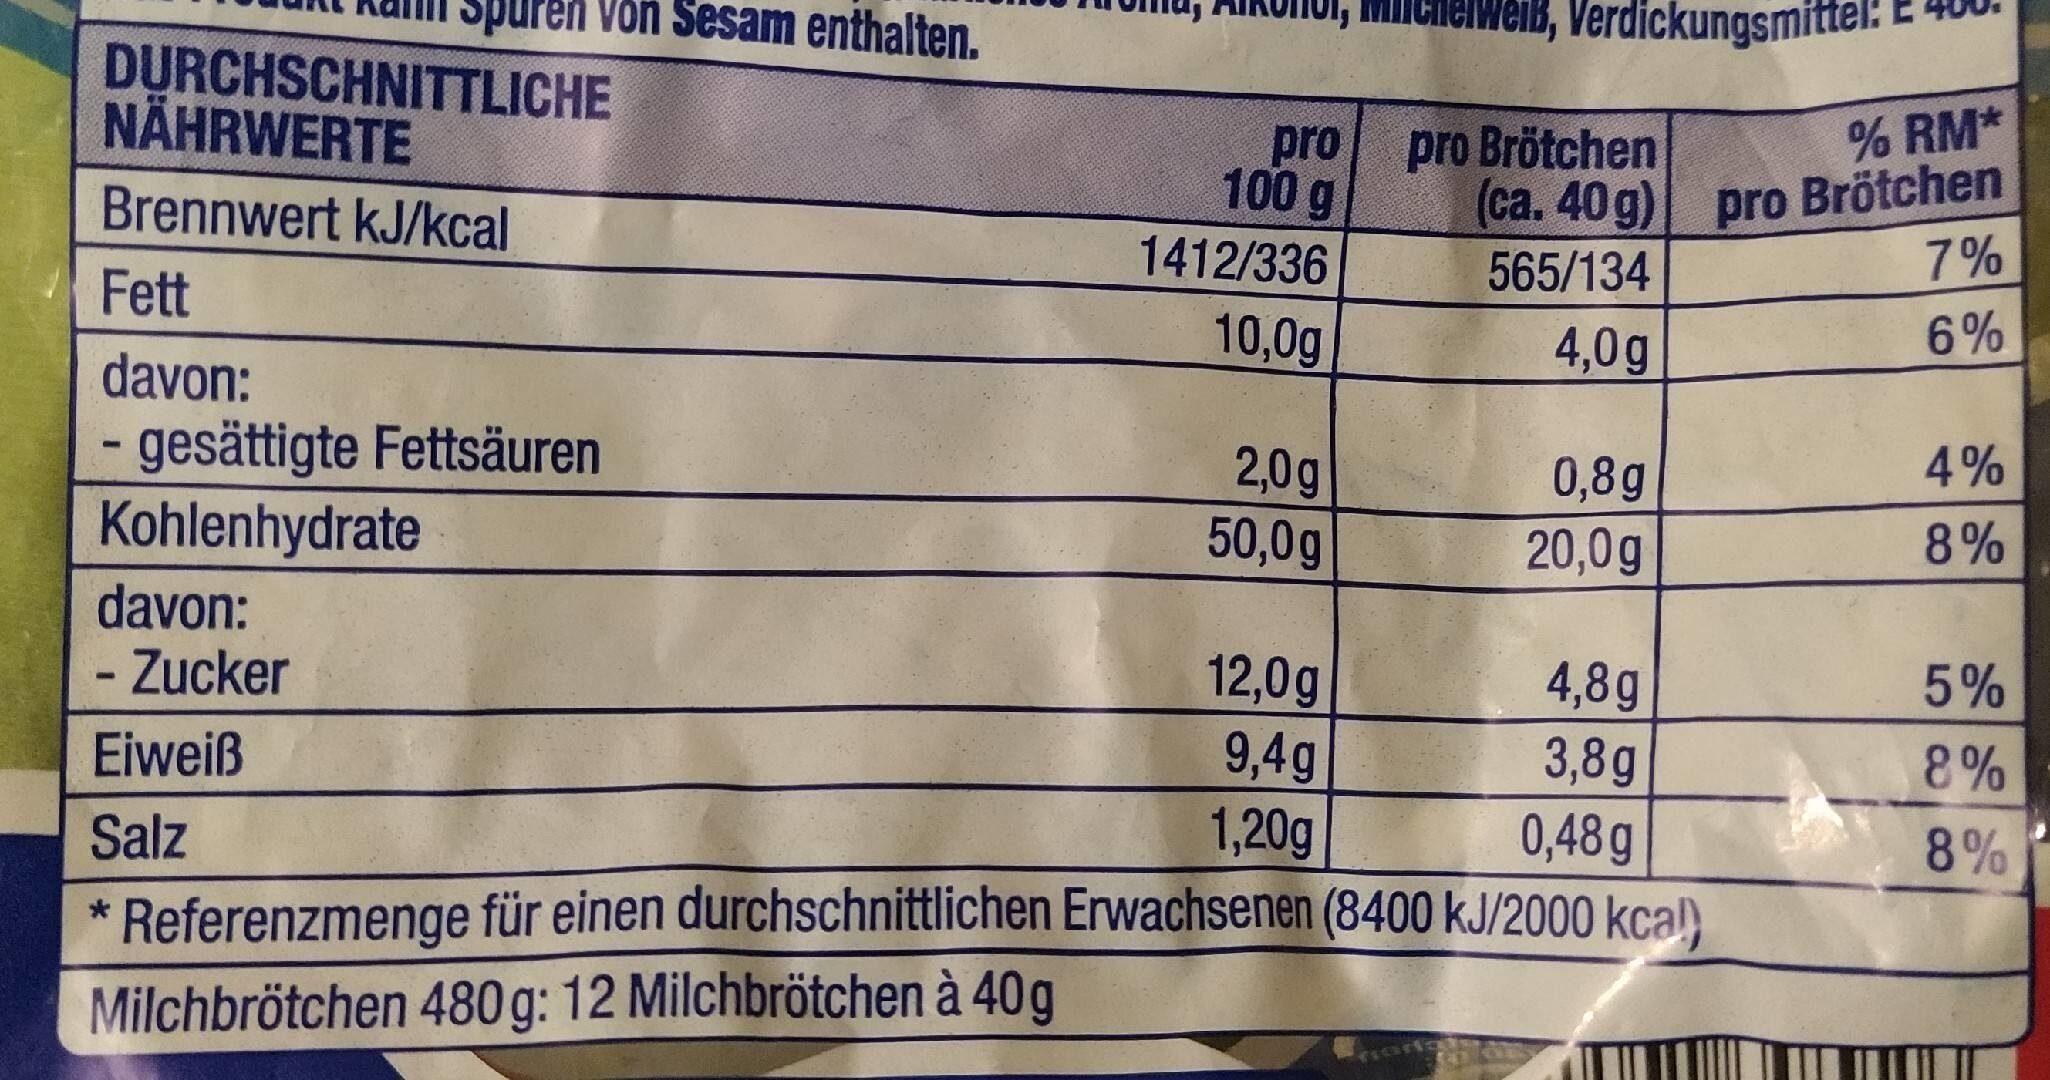 12 Milch BRÖTCHEN - Nährwertangaben - de